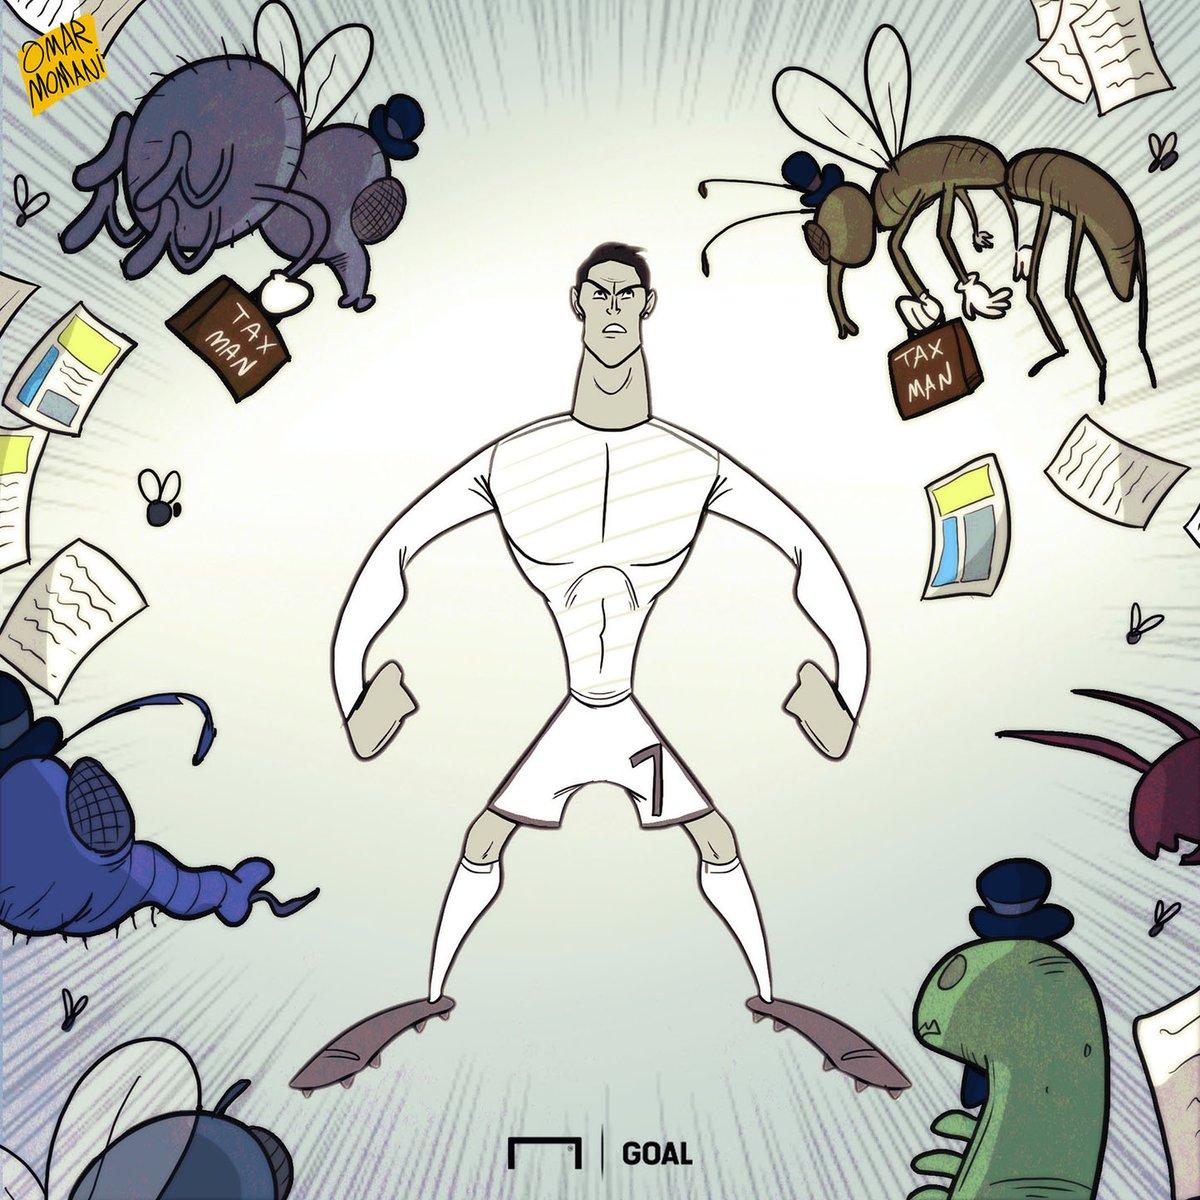 عکس کاریکاتوریست بیرانوند